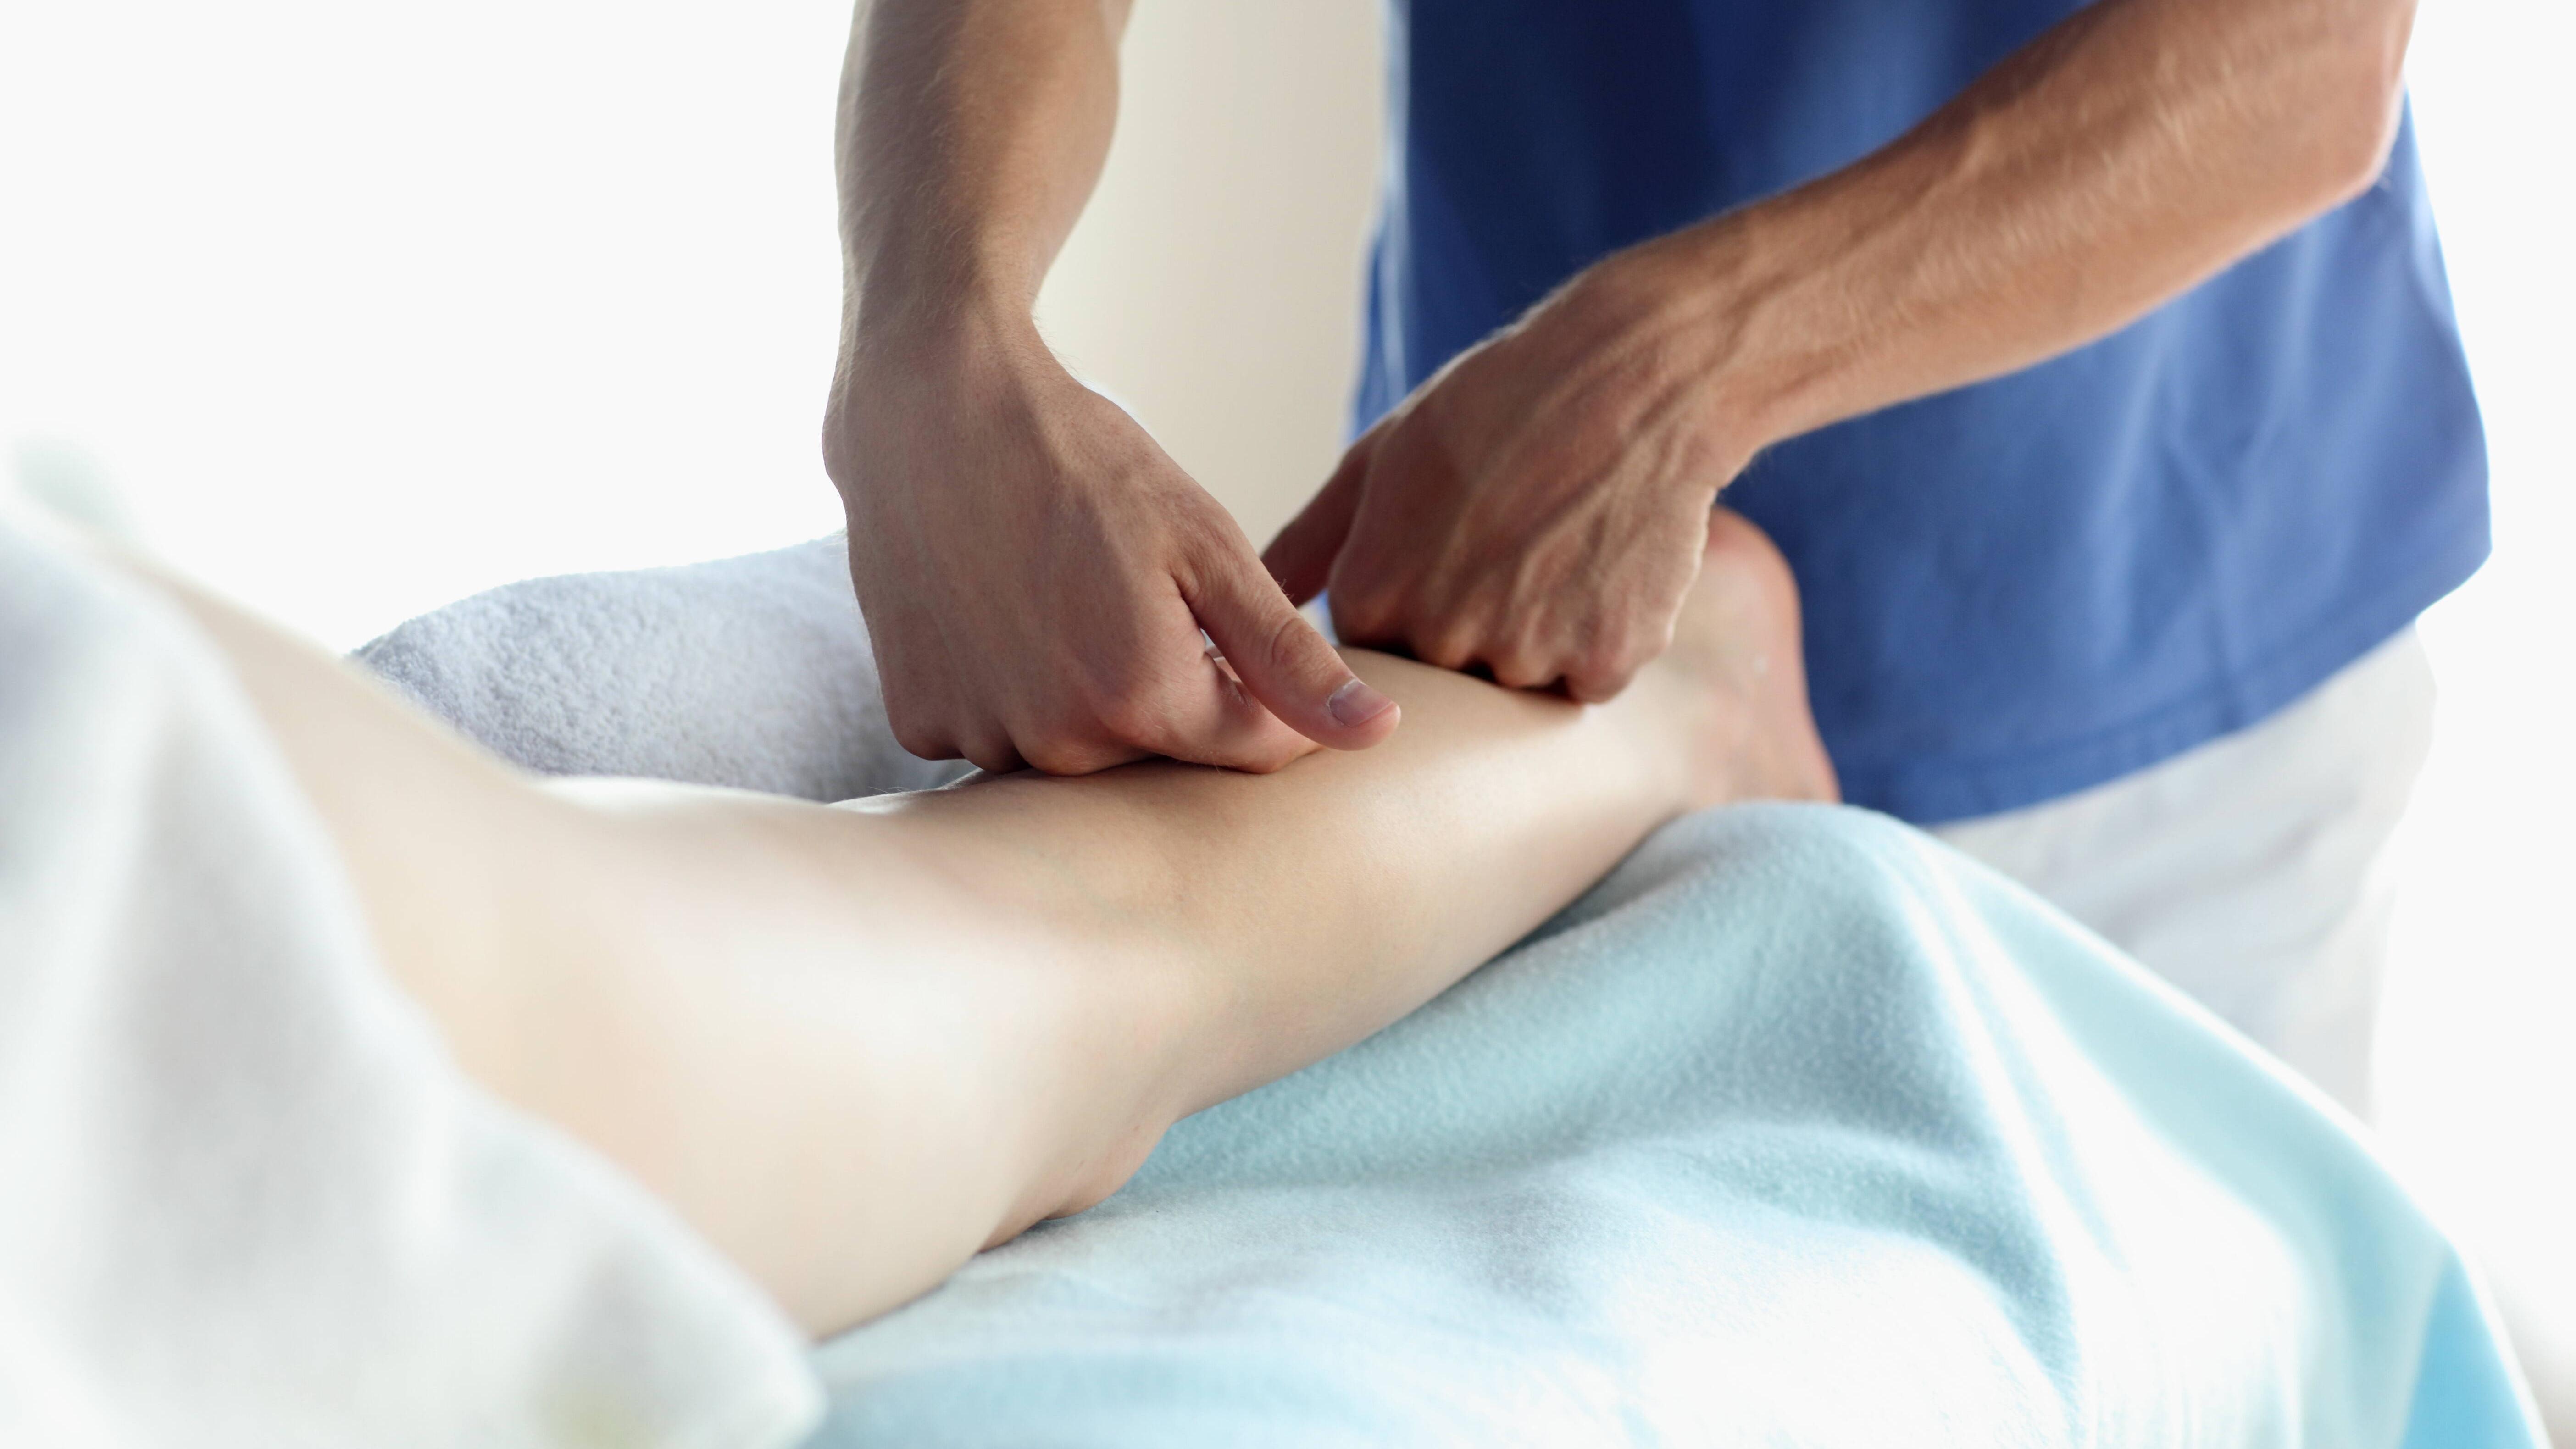 Schmerzen in der Wade im Ruhezustand: Mögliche Ursachen